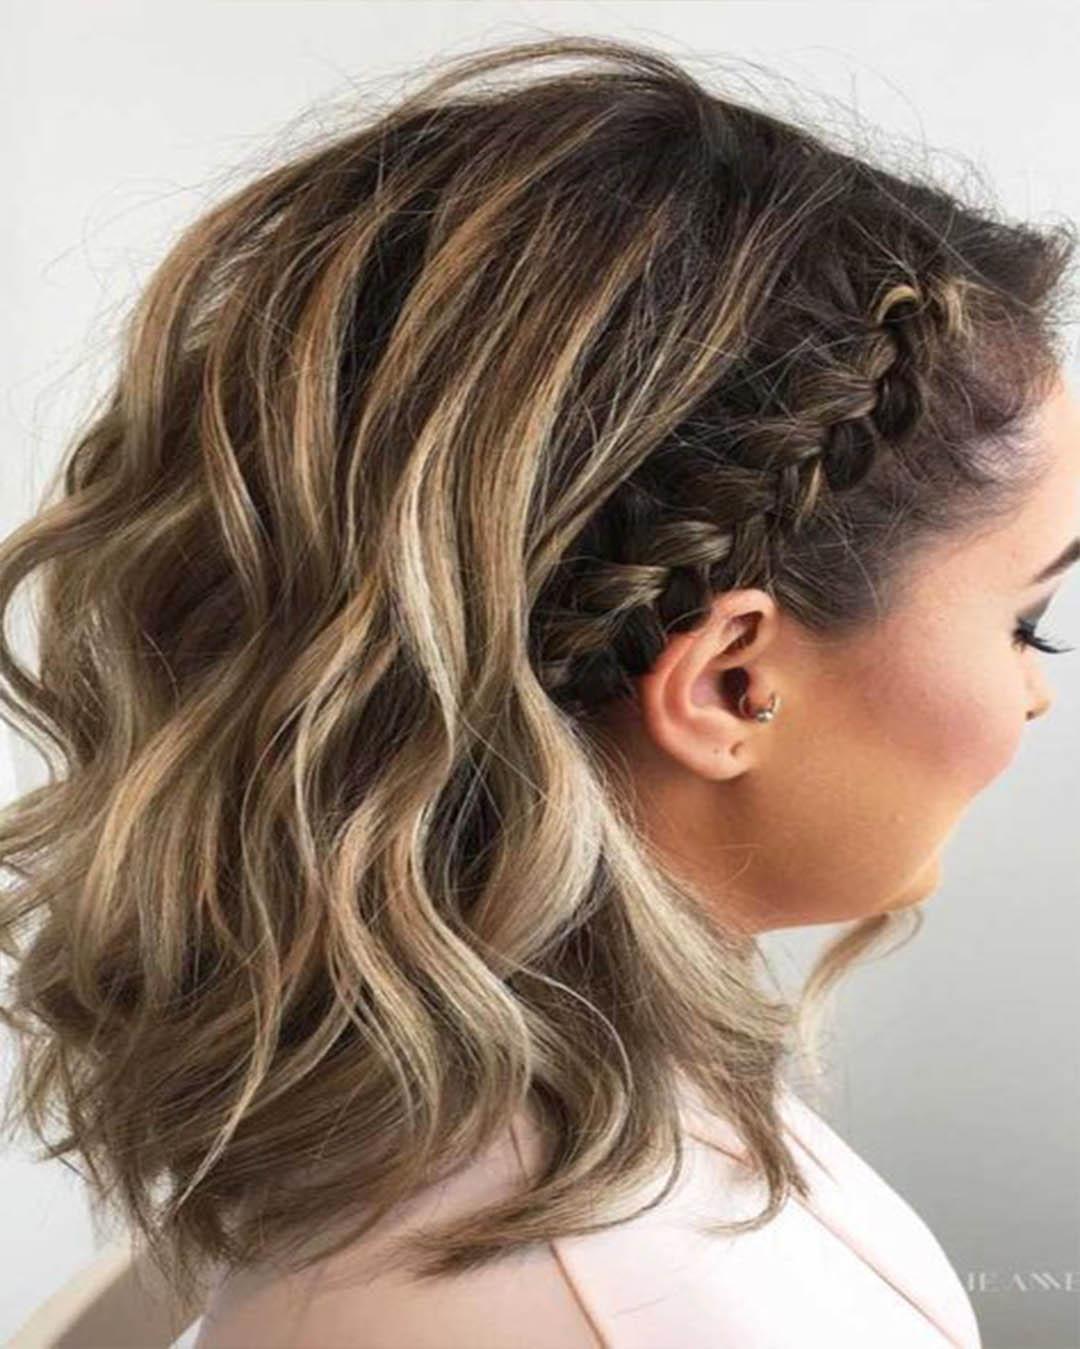 Creativo peinados para cabello corto Colección De Cortes De Pelo Consejos - Peinados para GRADUACIONES elegantes y refinados - ElSexoso